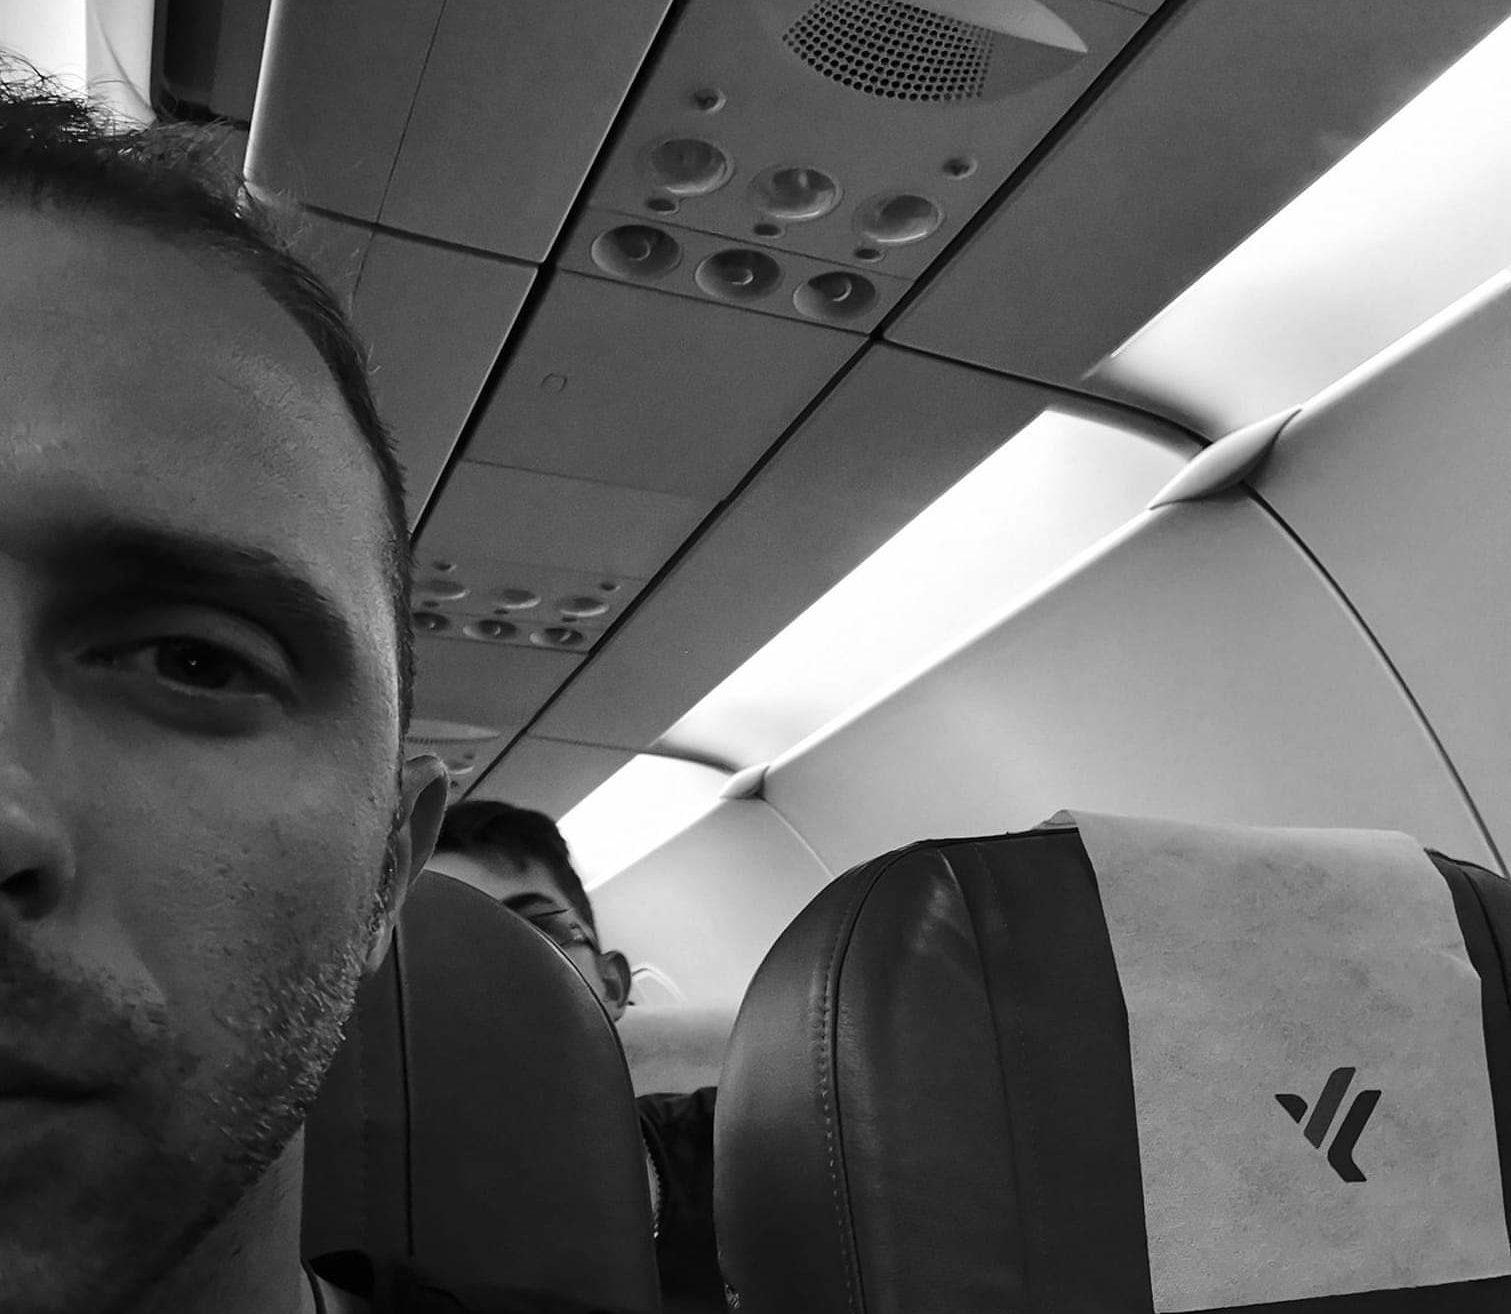 Disavventura sul treno Agrigento-Palermo: 6 ore per arrivare in aeroporto